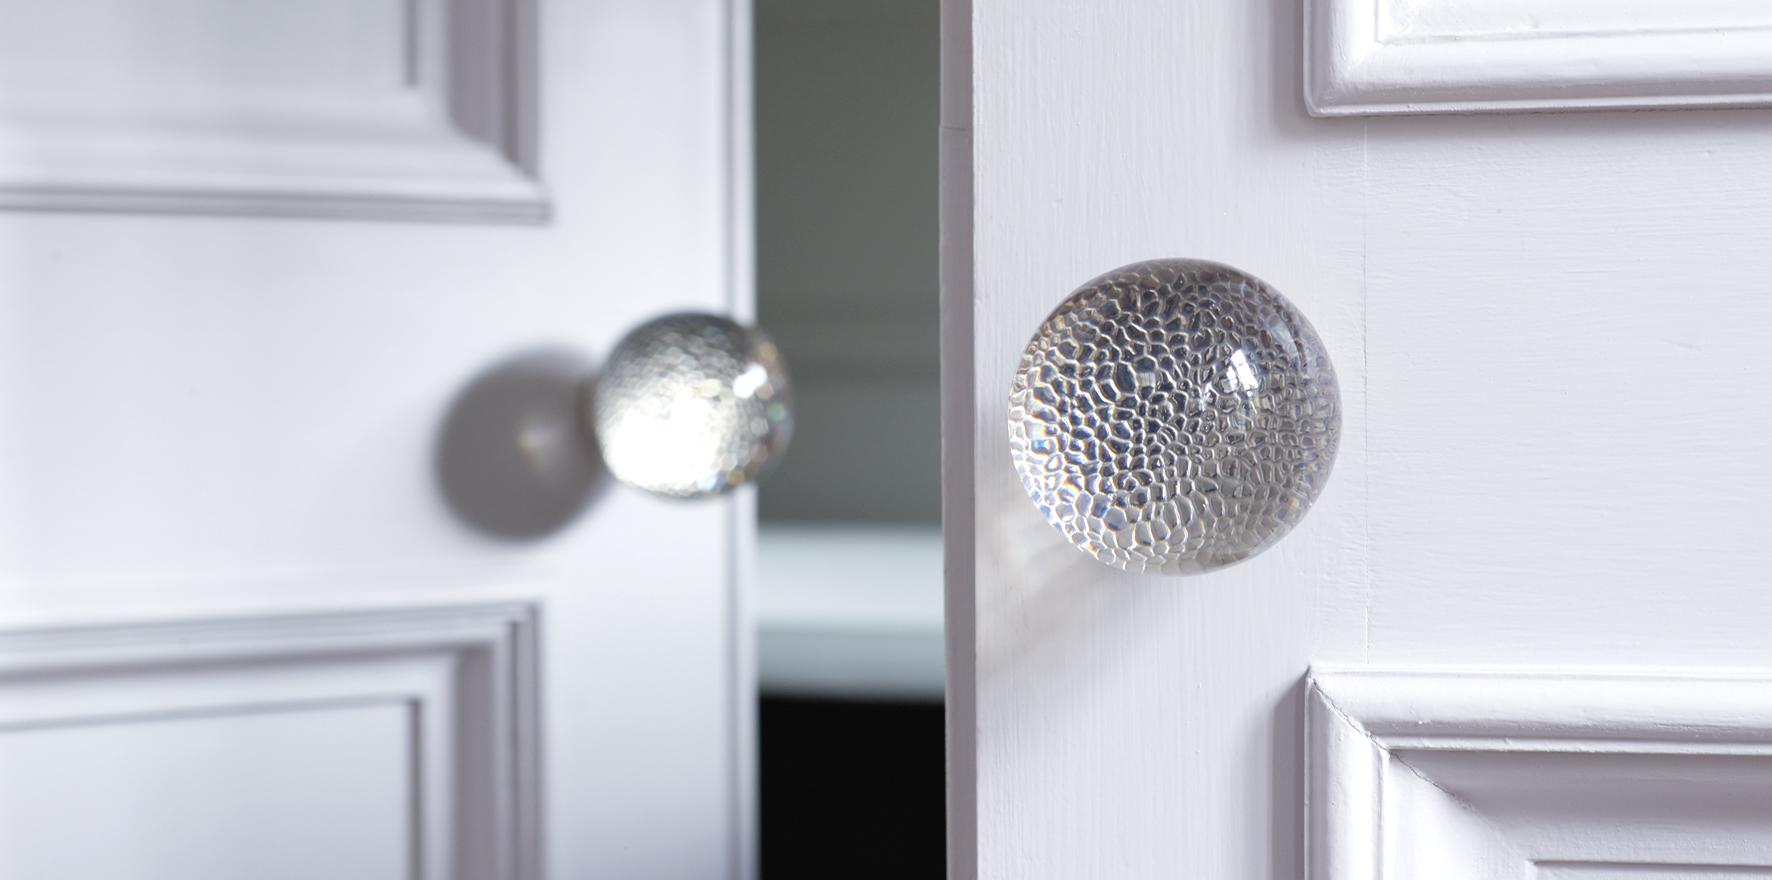 Door knob and door handle boutique Kings Road London UK